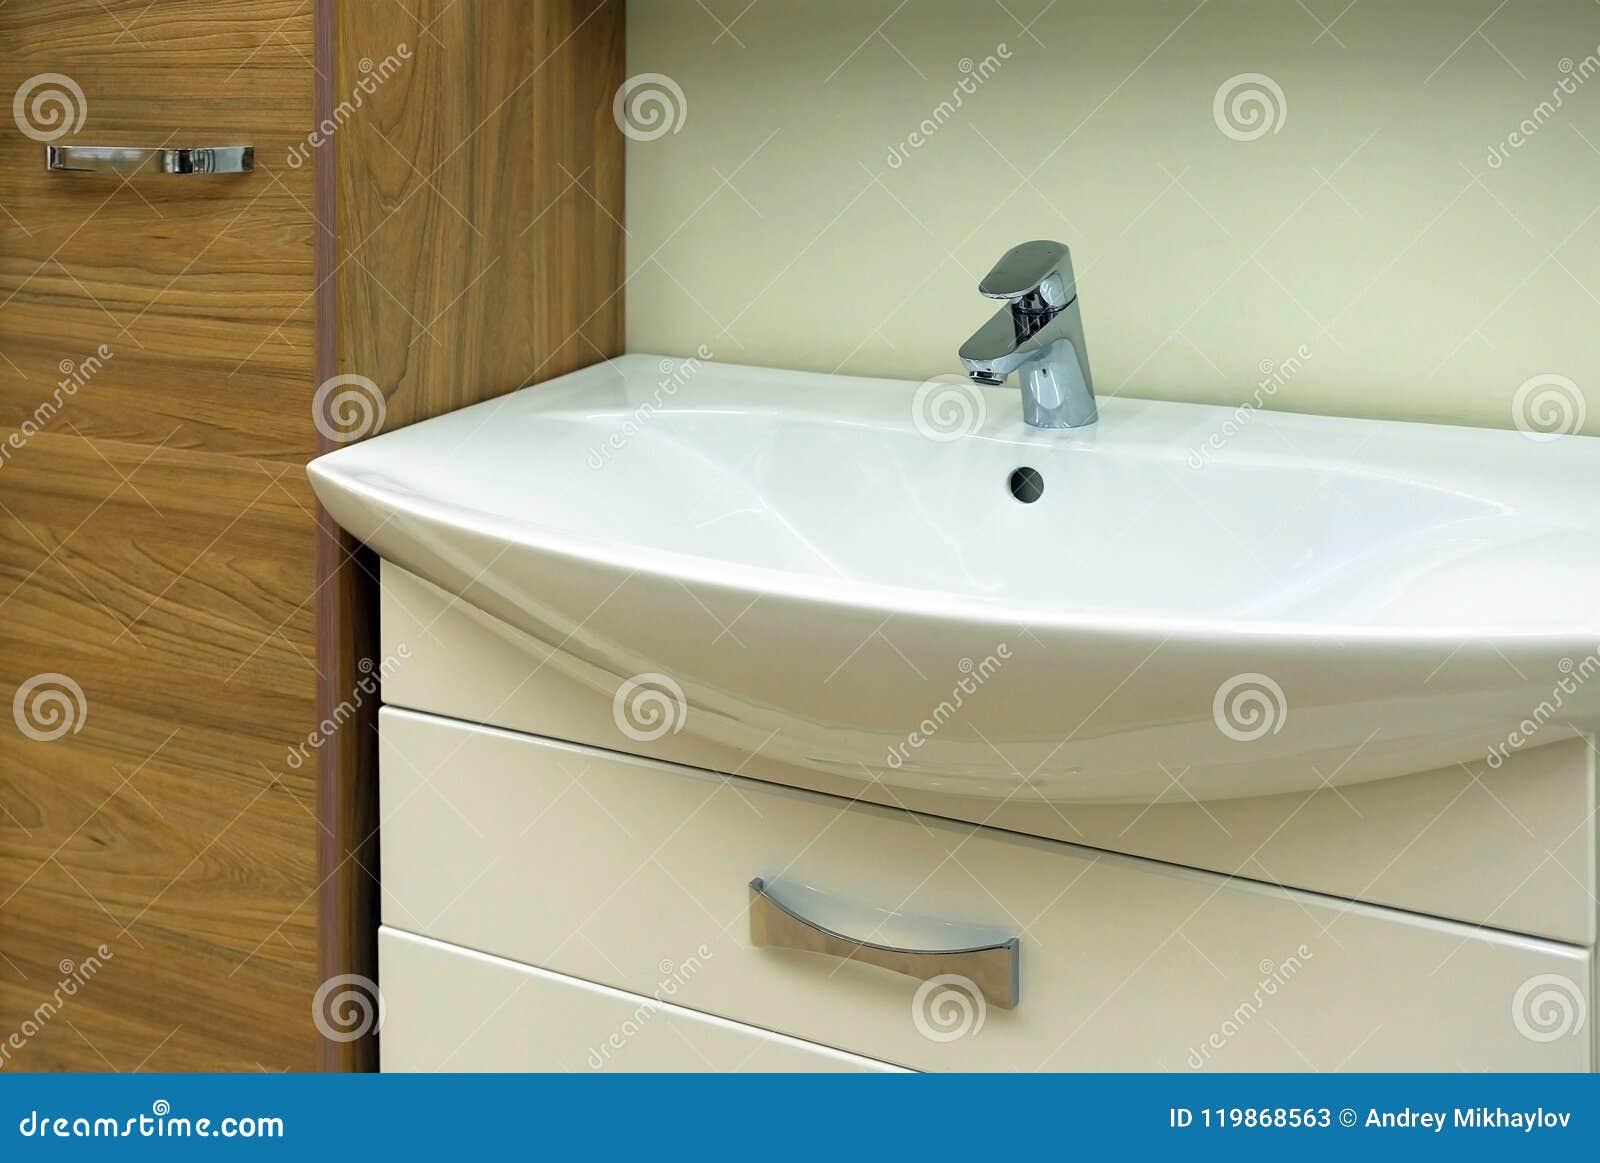 Salle De Bain Plaque Évier moderne de lavabo dans la salle de bains chrome a